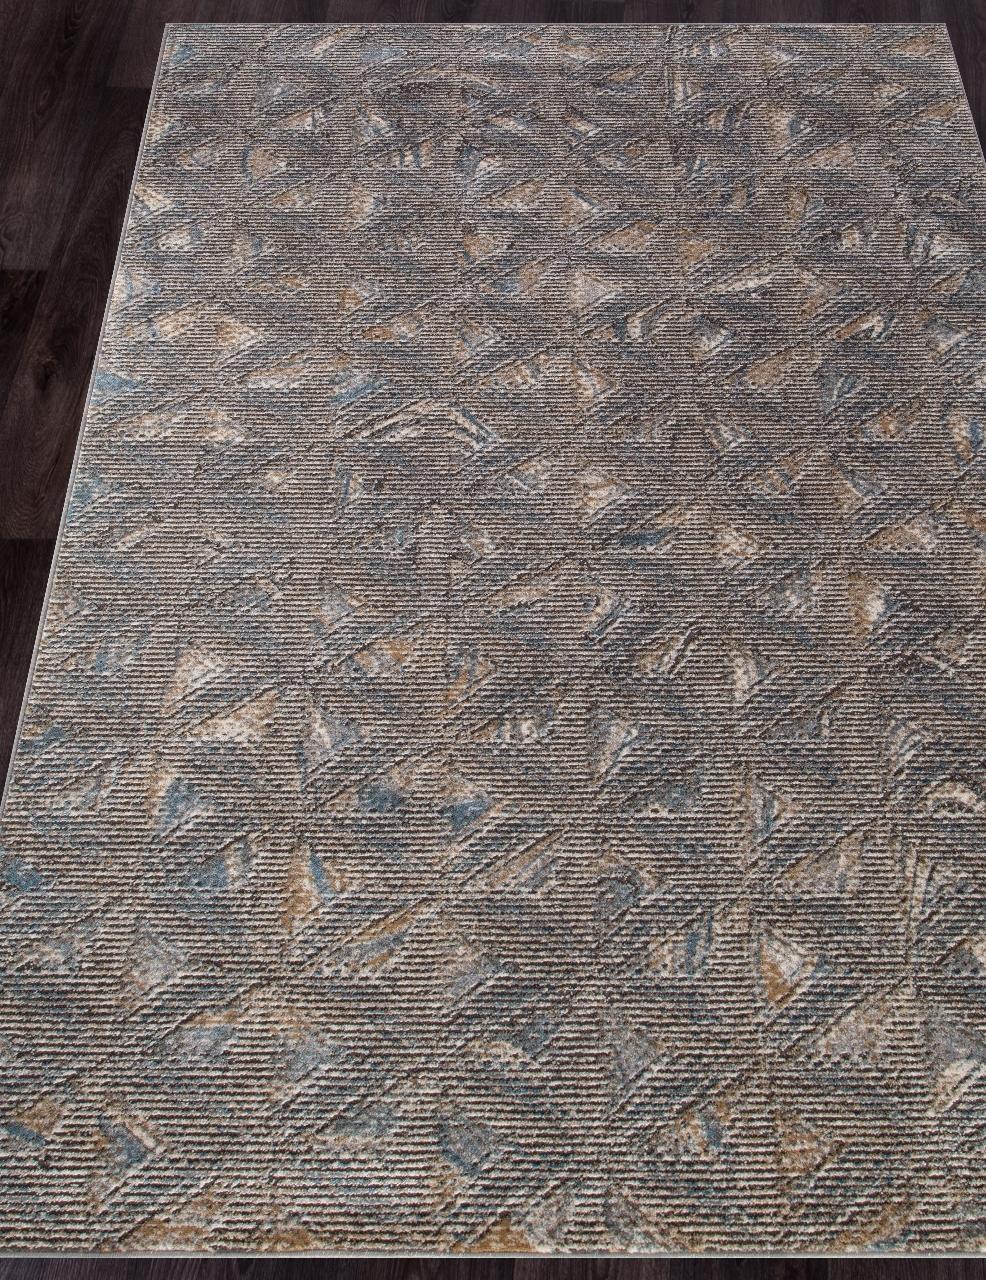 Ковер D770 - GRAY - Прямоугольник - коллекция SERENITY - фото 1